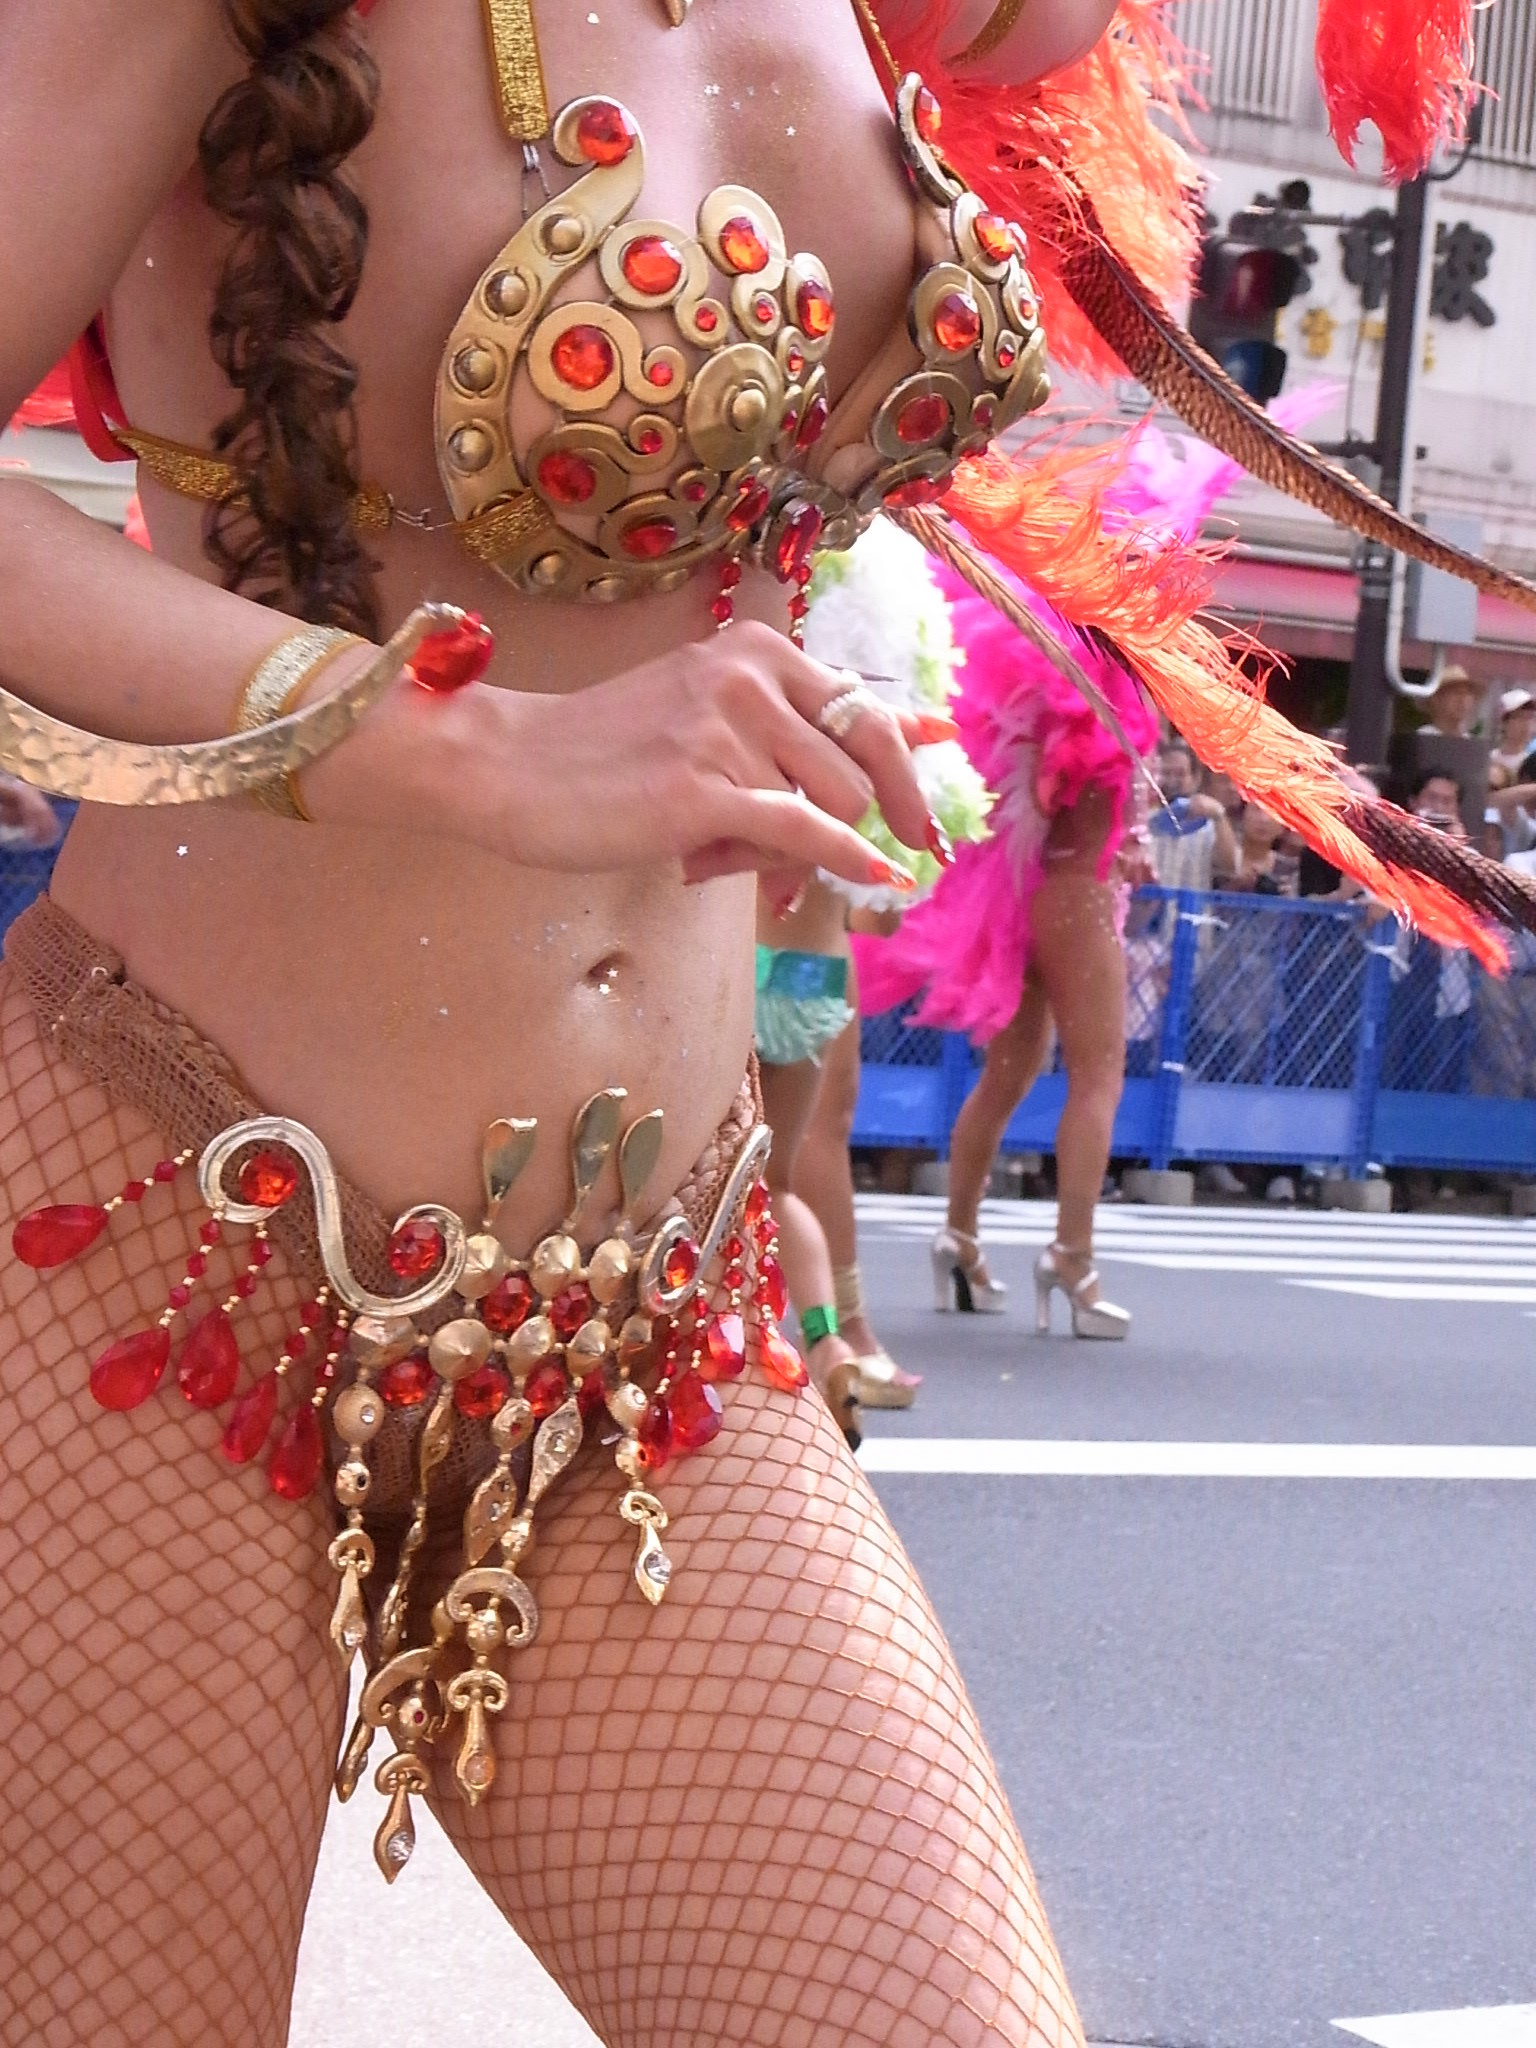 【サンバエロ画像】露骨なスケベさは伝統なので…ハミ出し上等カーニバルwww 14